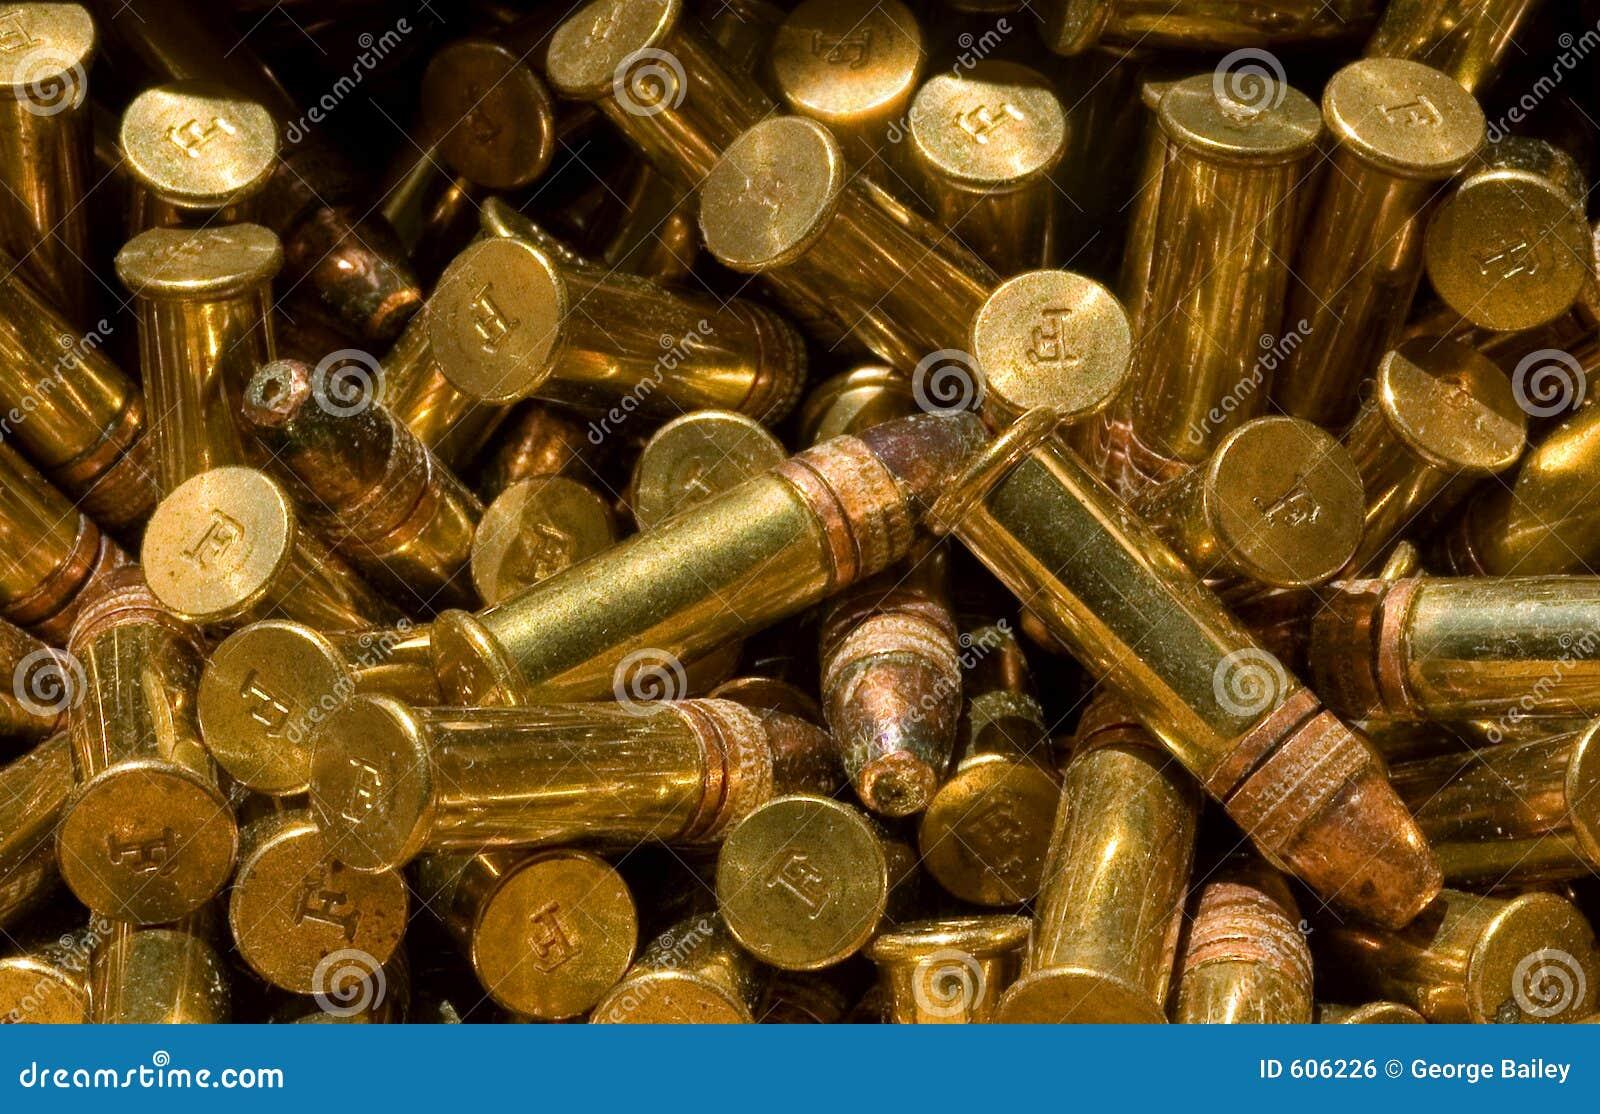 Stoffige kogels